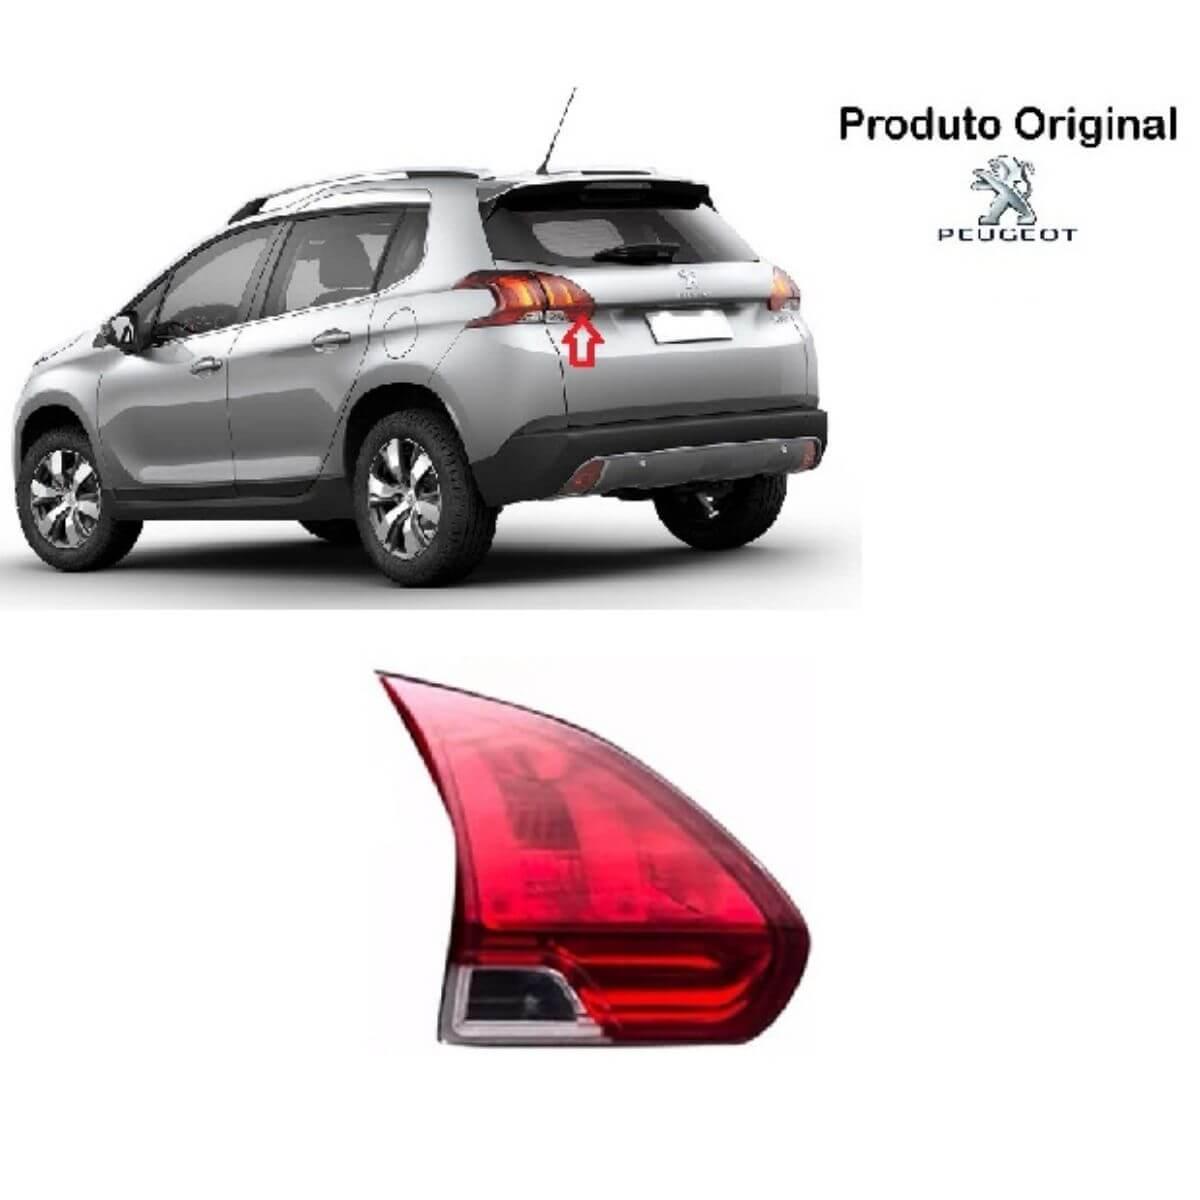 Par De Lanterna Traseira Peugeot 2008 Led Porta Mala 2014 A 2016 Original Valeo - DIREITO E ESQUERDO